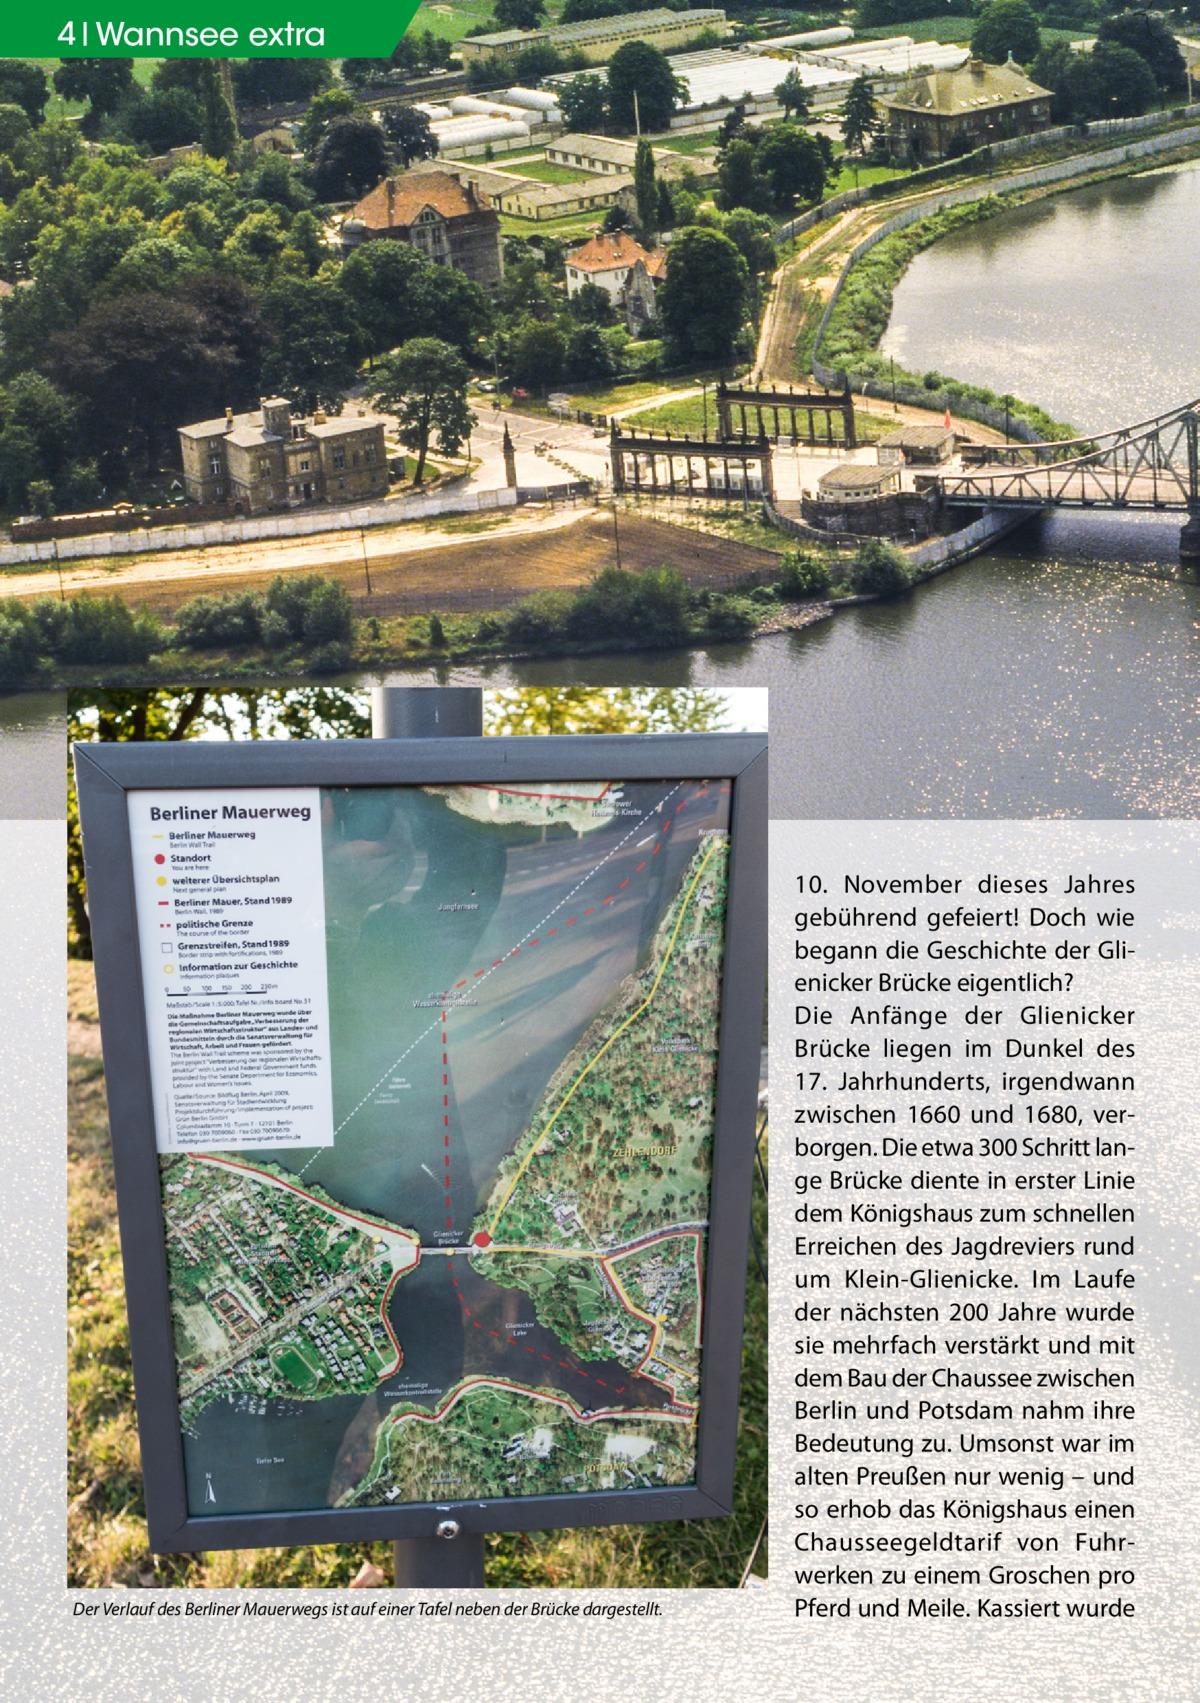 4 Wannsee extra  Der Verlauf des Berliner Mauerwegs ist auf einer Tafel neben der Brücke dargestellt.  10. November dieses Jahres gebührend gefeiert! Doch wie begann die Geschichte der Glienicker Brücke eigentlich? Die Anfänge der Glienicker Brücke liegen im Dunkel des 17. Jahrhunderts, irgendwann zwischen 1660 und 1680, verborgen. Die etwa 300 Schritt lange Brücke diente in erster Linie dem Königshaus zum schnellen Erreichen des Jagdreviers rund um Klein-Glienicke. Im Laufe der nächsten 200 Jahre wurde sie mehrfach verstärkt und mit dem Bau der Chaussee zwischen Berlin und Potsdam nahm ihre Bedeutung zu. Umsonst war im alten Preußen nur wenig – und so erhob das Königshaus einen Chausseegeldtarif von Fuhrwerken zu einem Groschen pro Pferd und Meile. Kassiert wurde